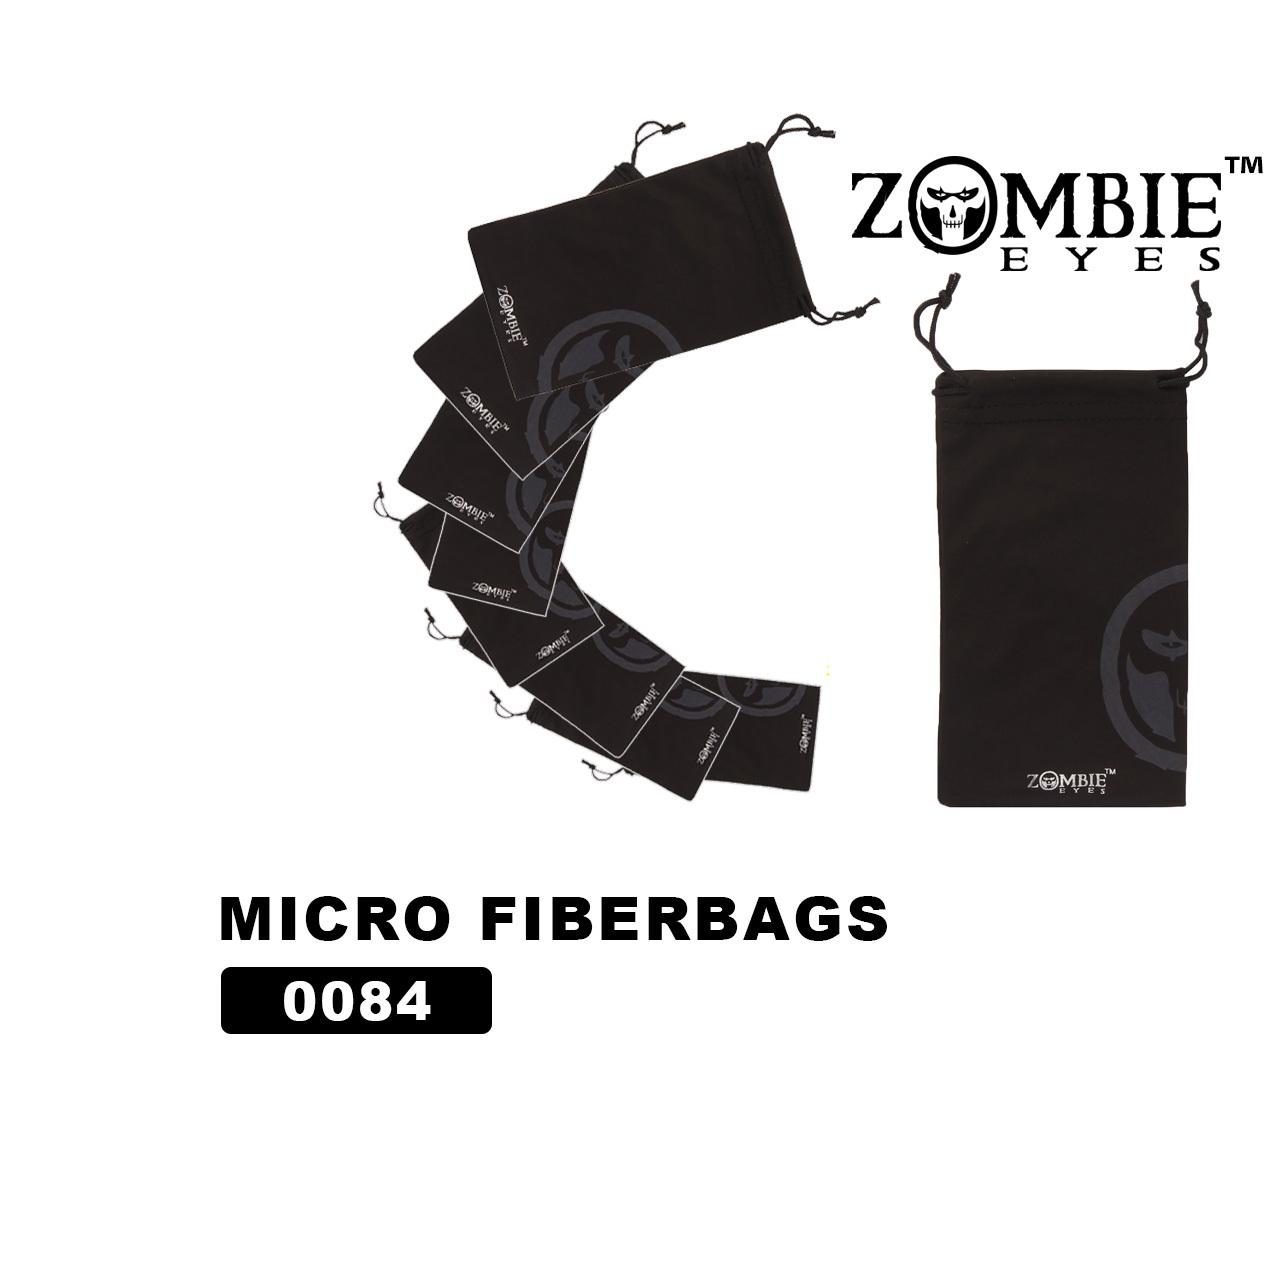 Zombie Eyes™ Microfiber Bags